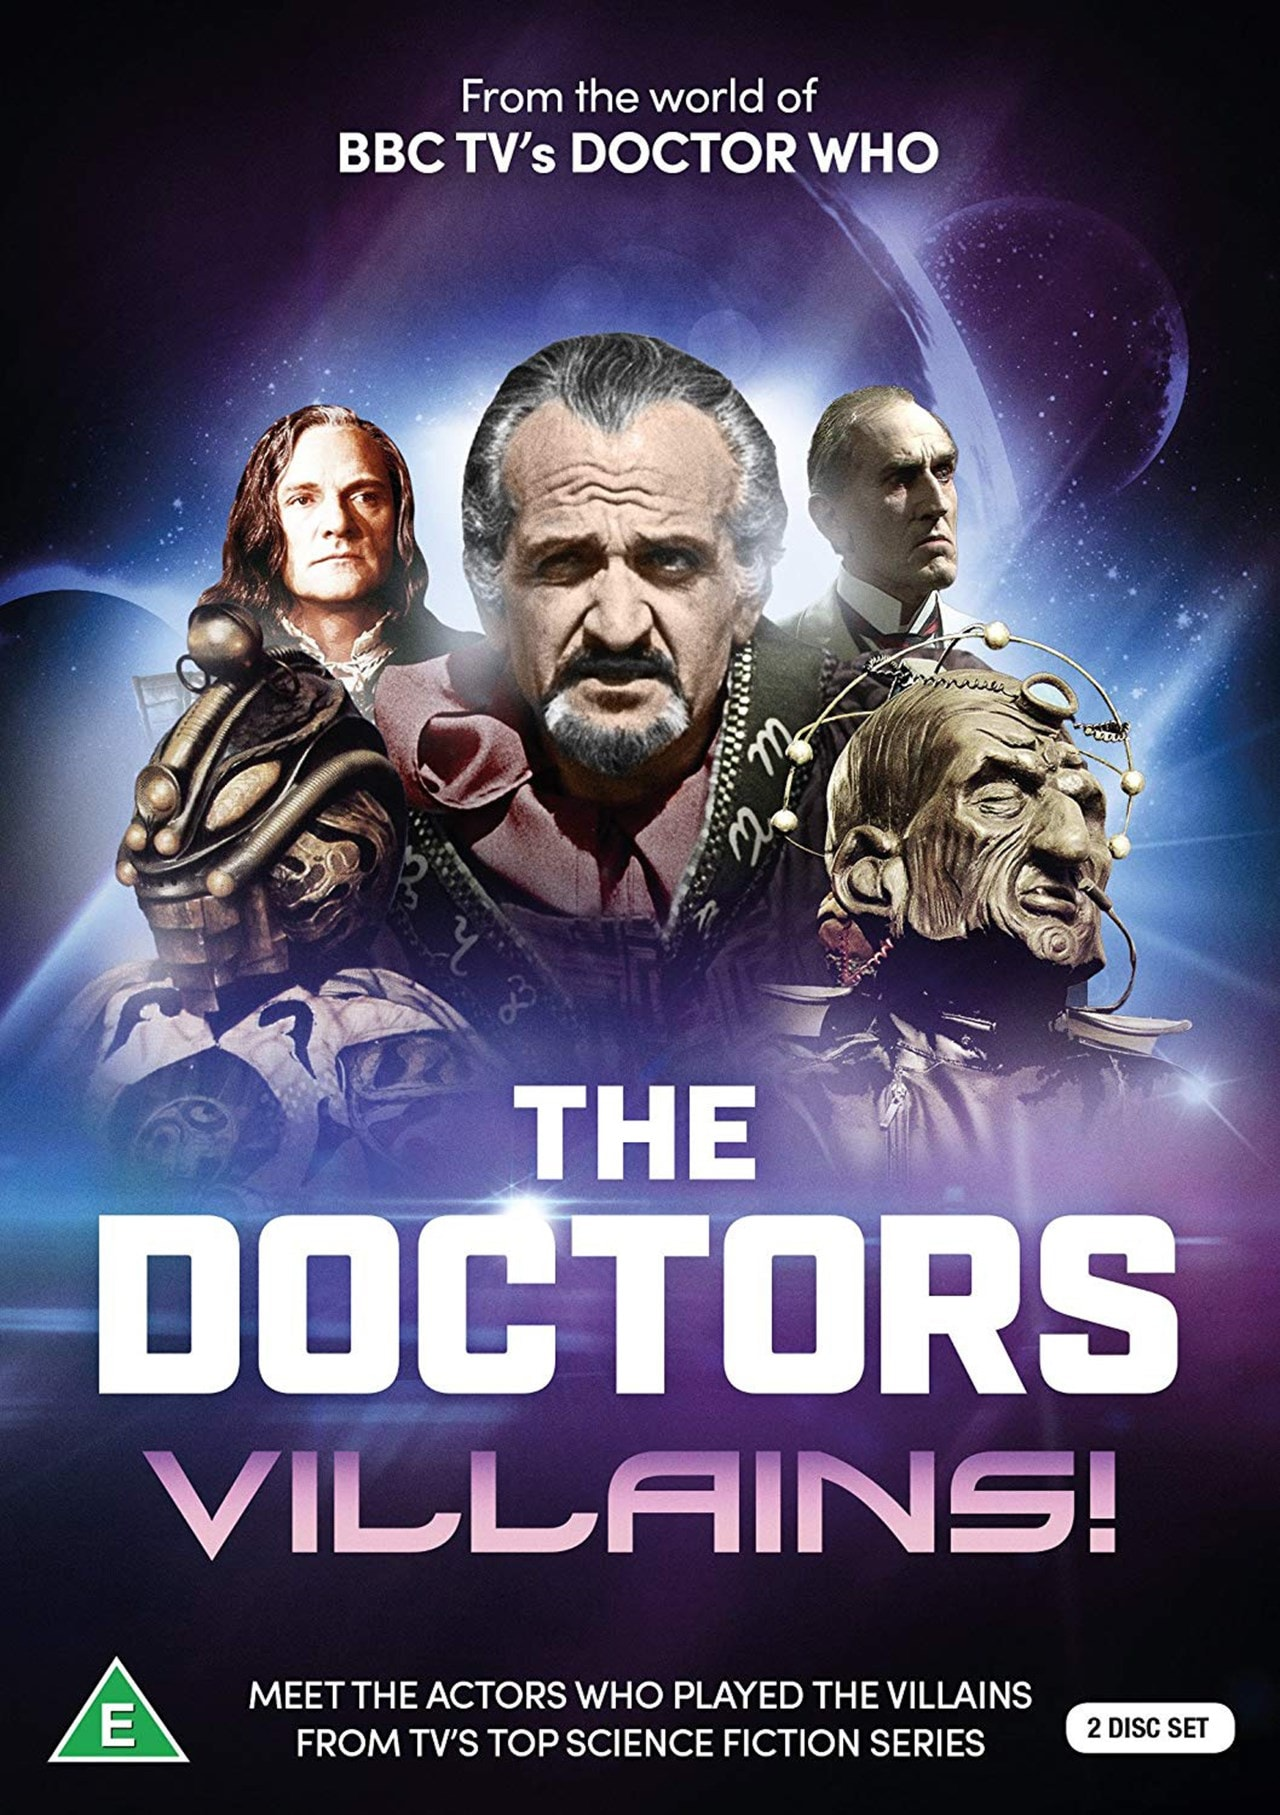 The Doctors - Villains! - 1